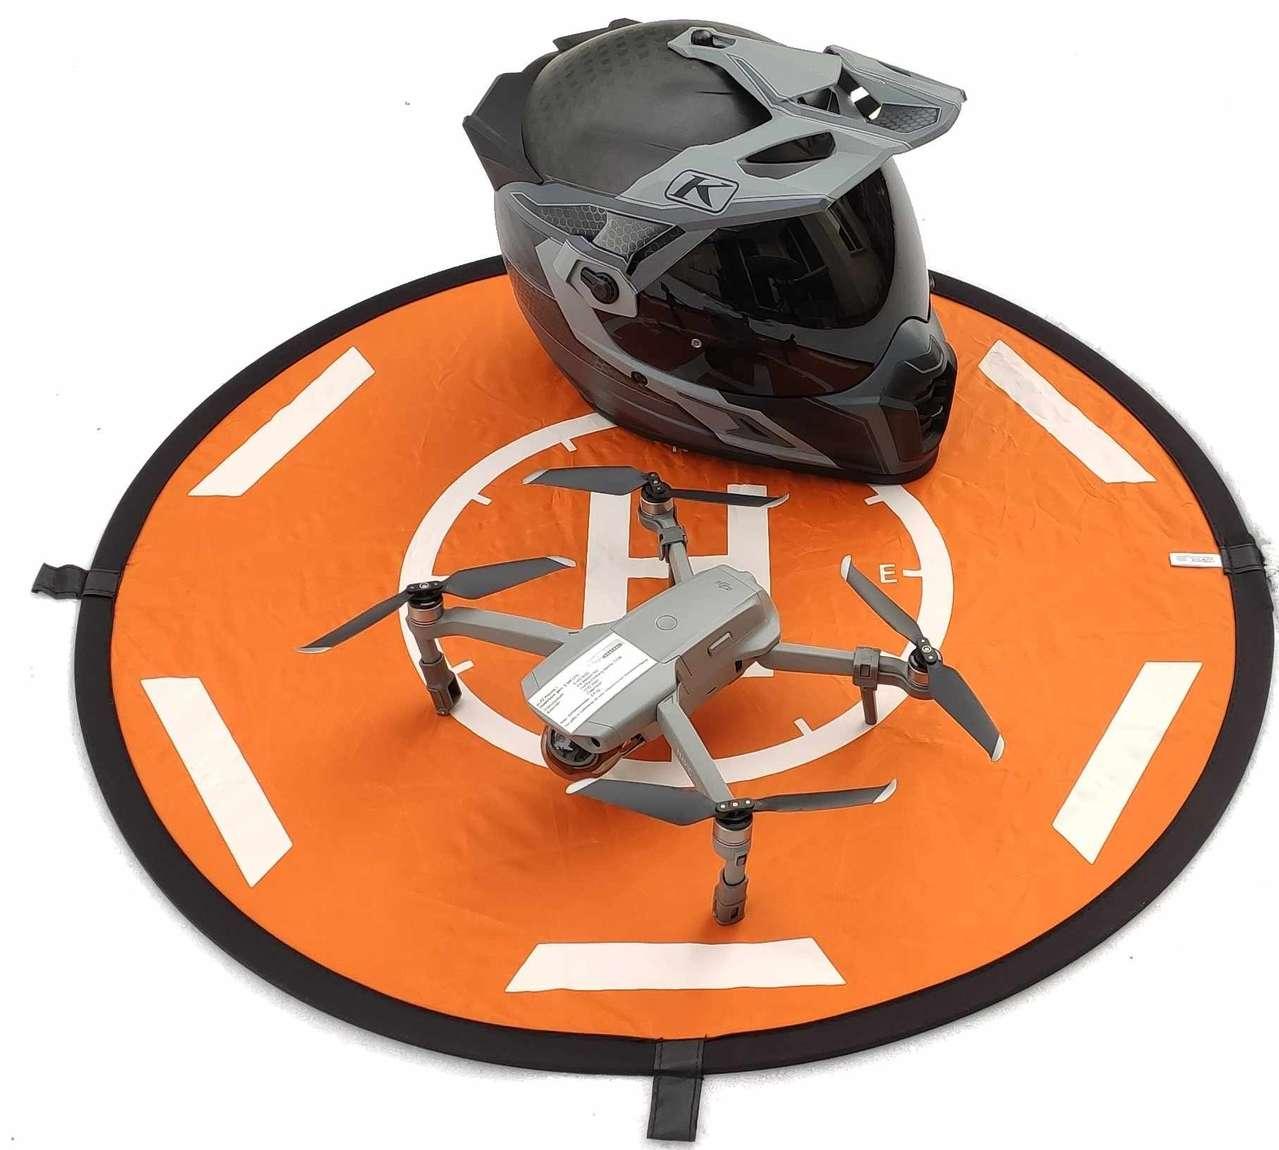 2021 startet die Führerscheinpflicht für Drohnenpiloten